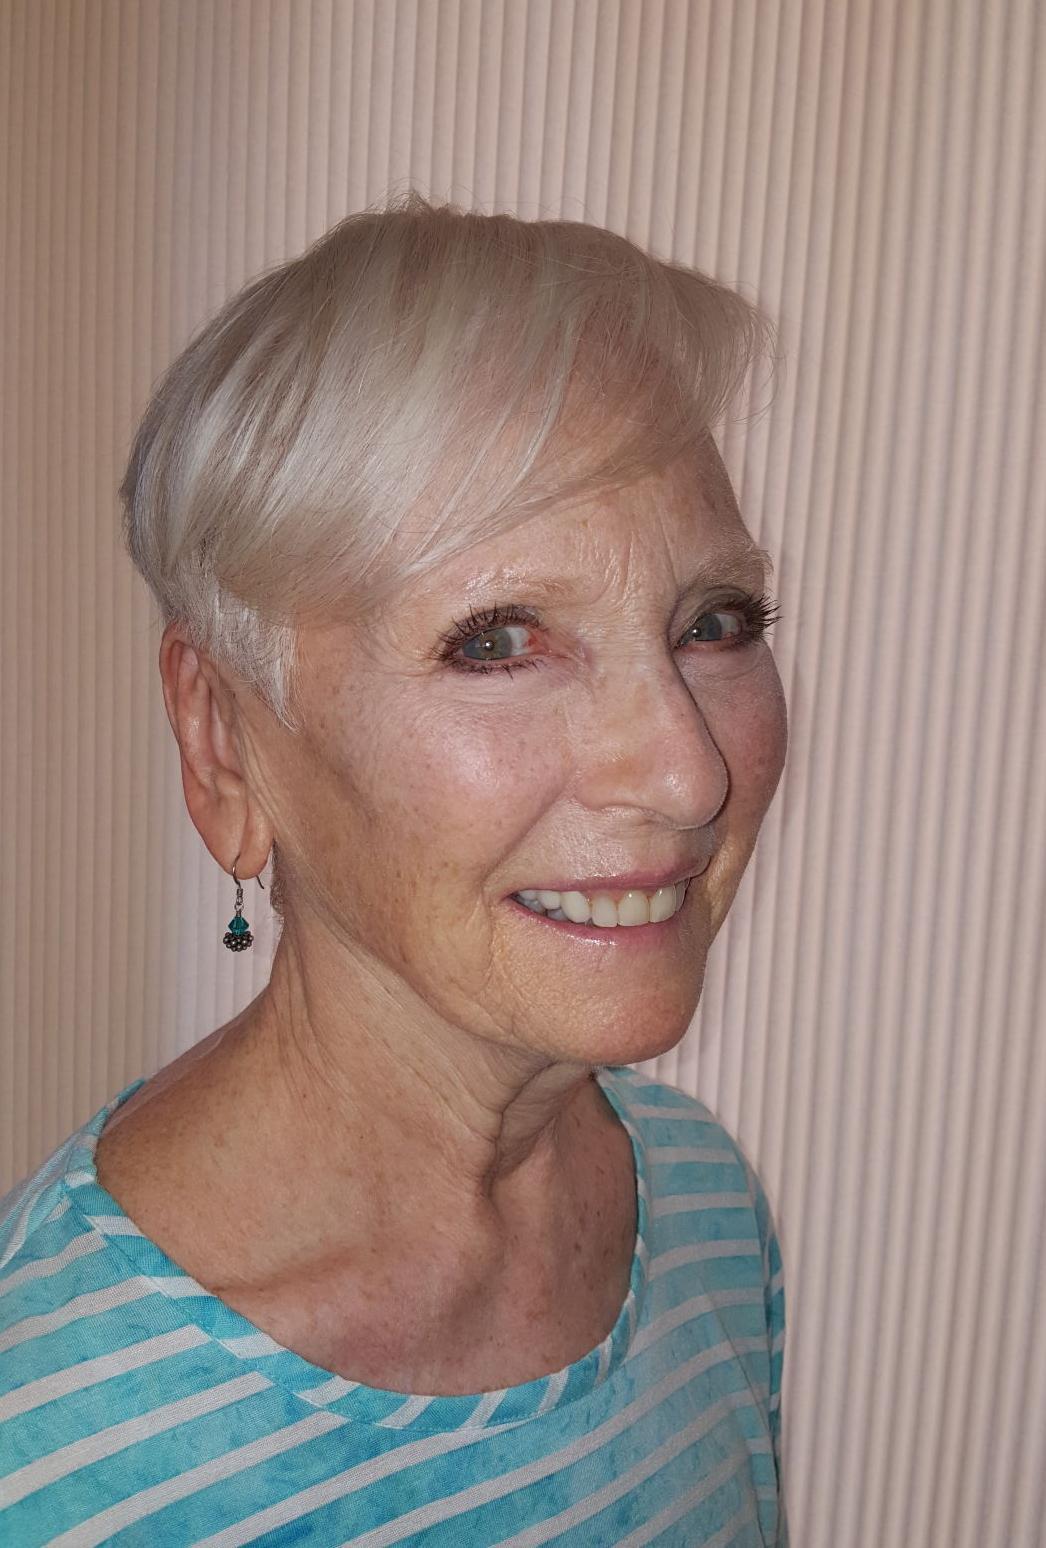 062317_Ester Leutenberg On the Bookshelf 1.jpg